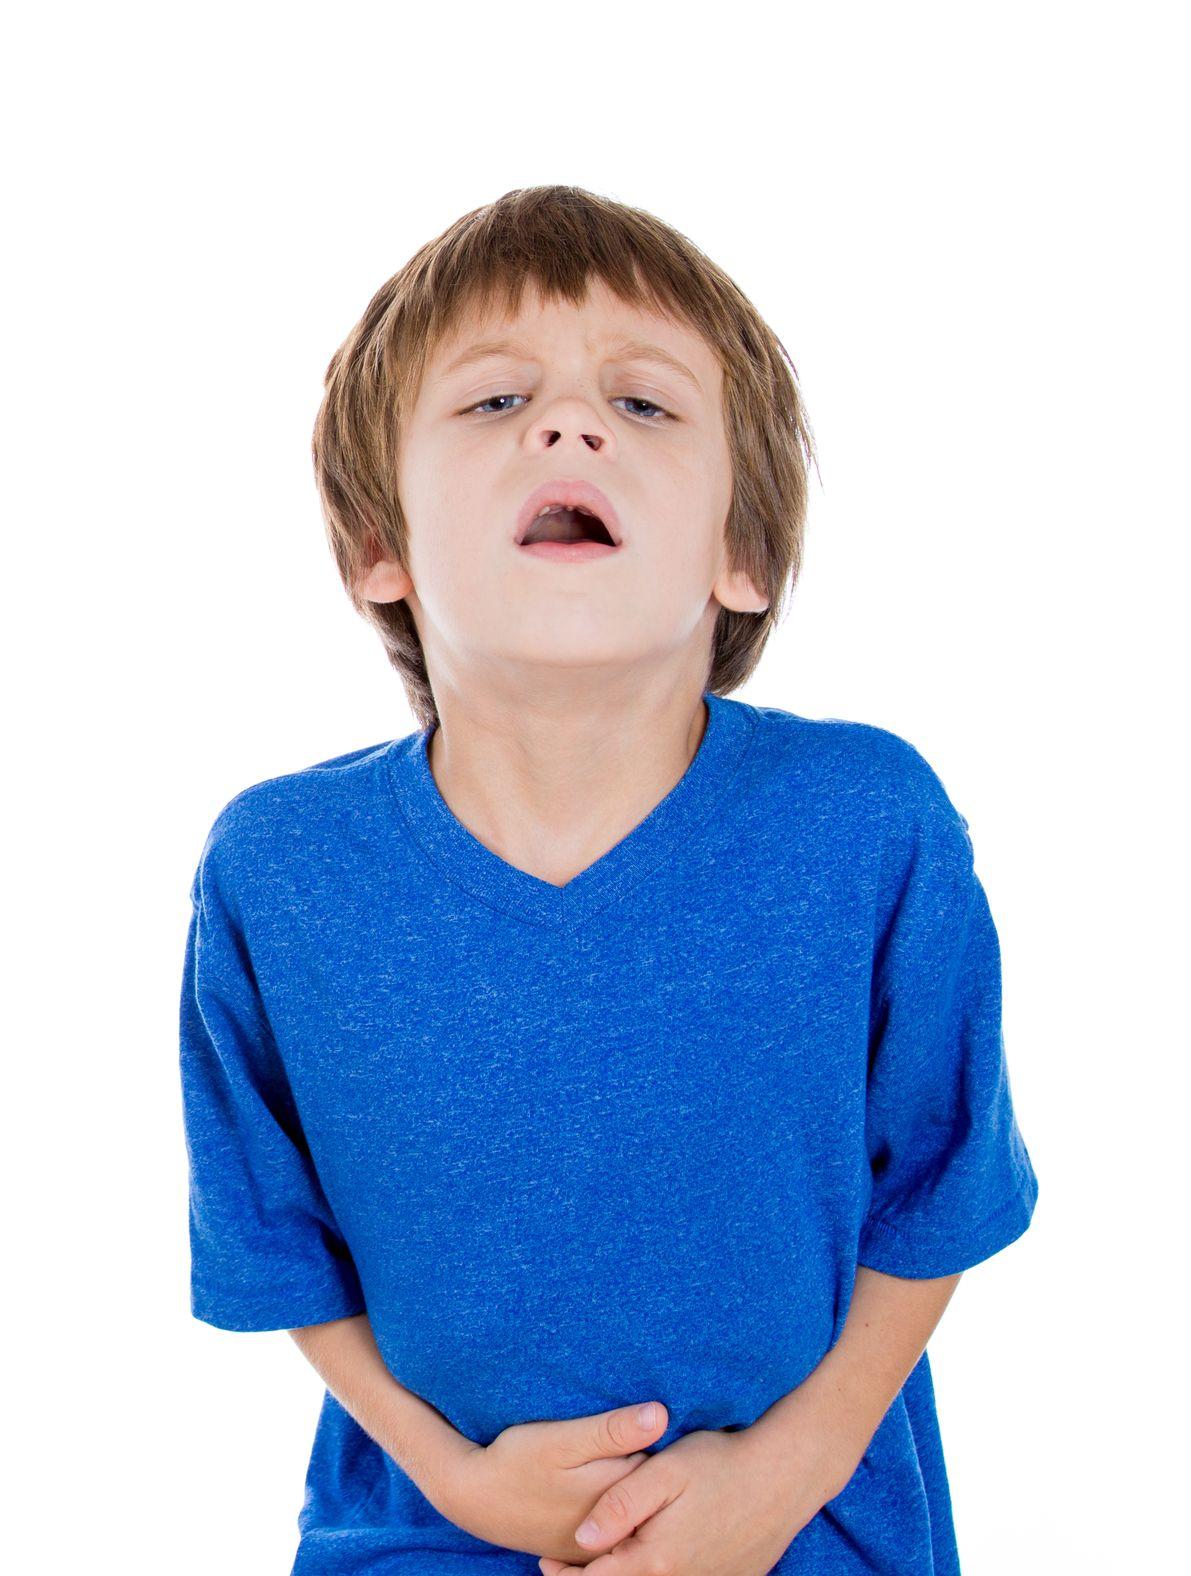 Co mam na myśli mówiąc, że mam w domu chore dzieci?